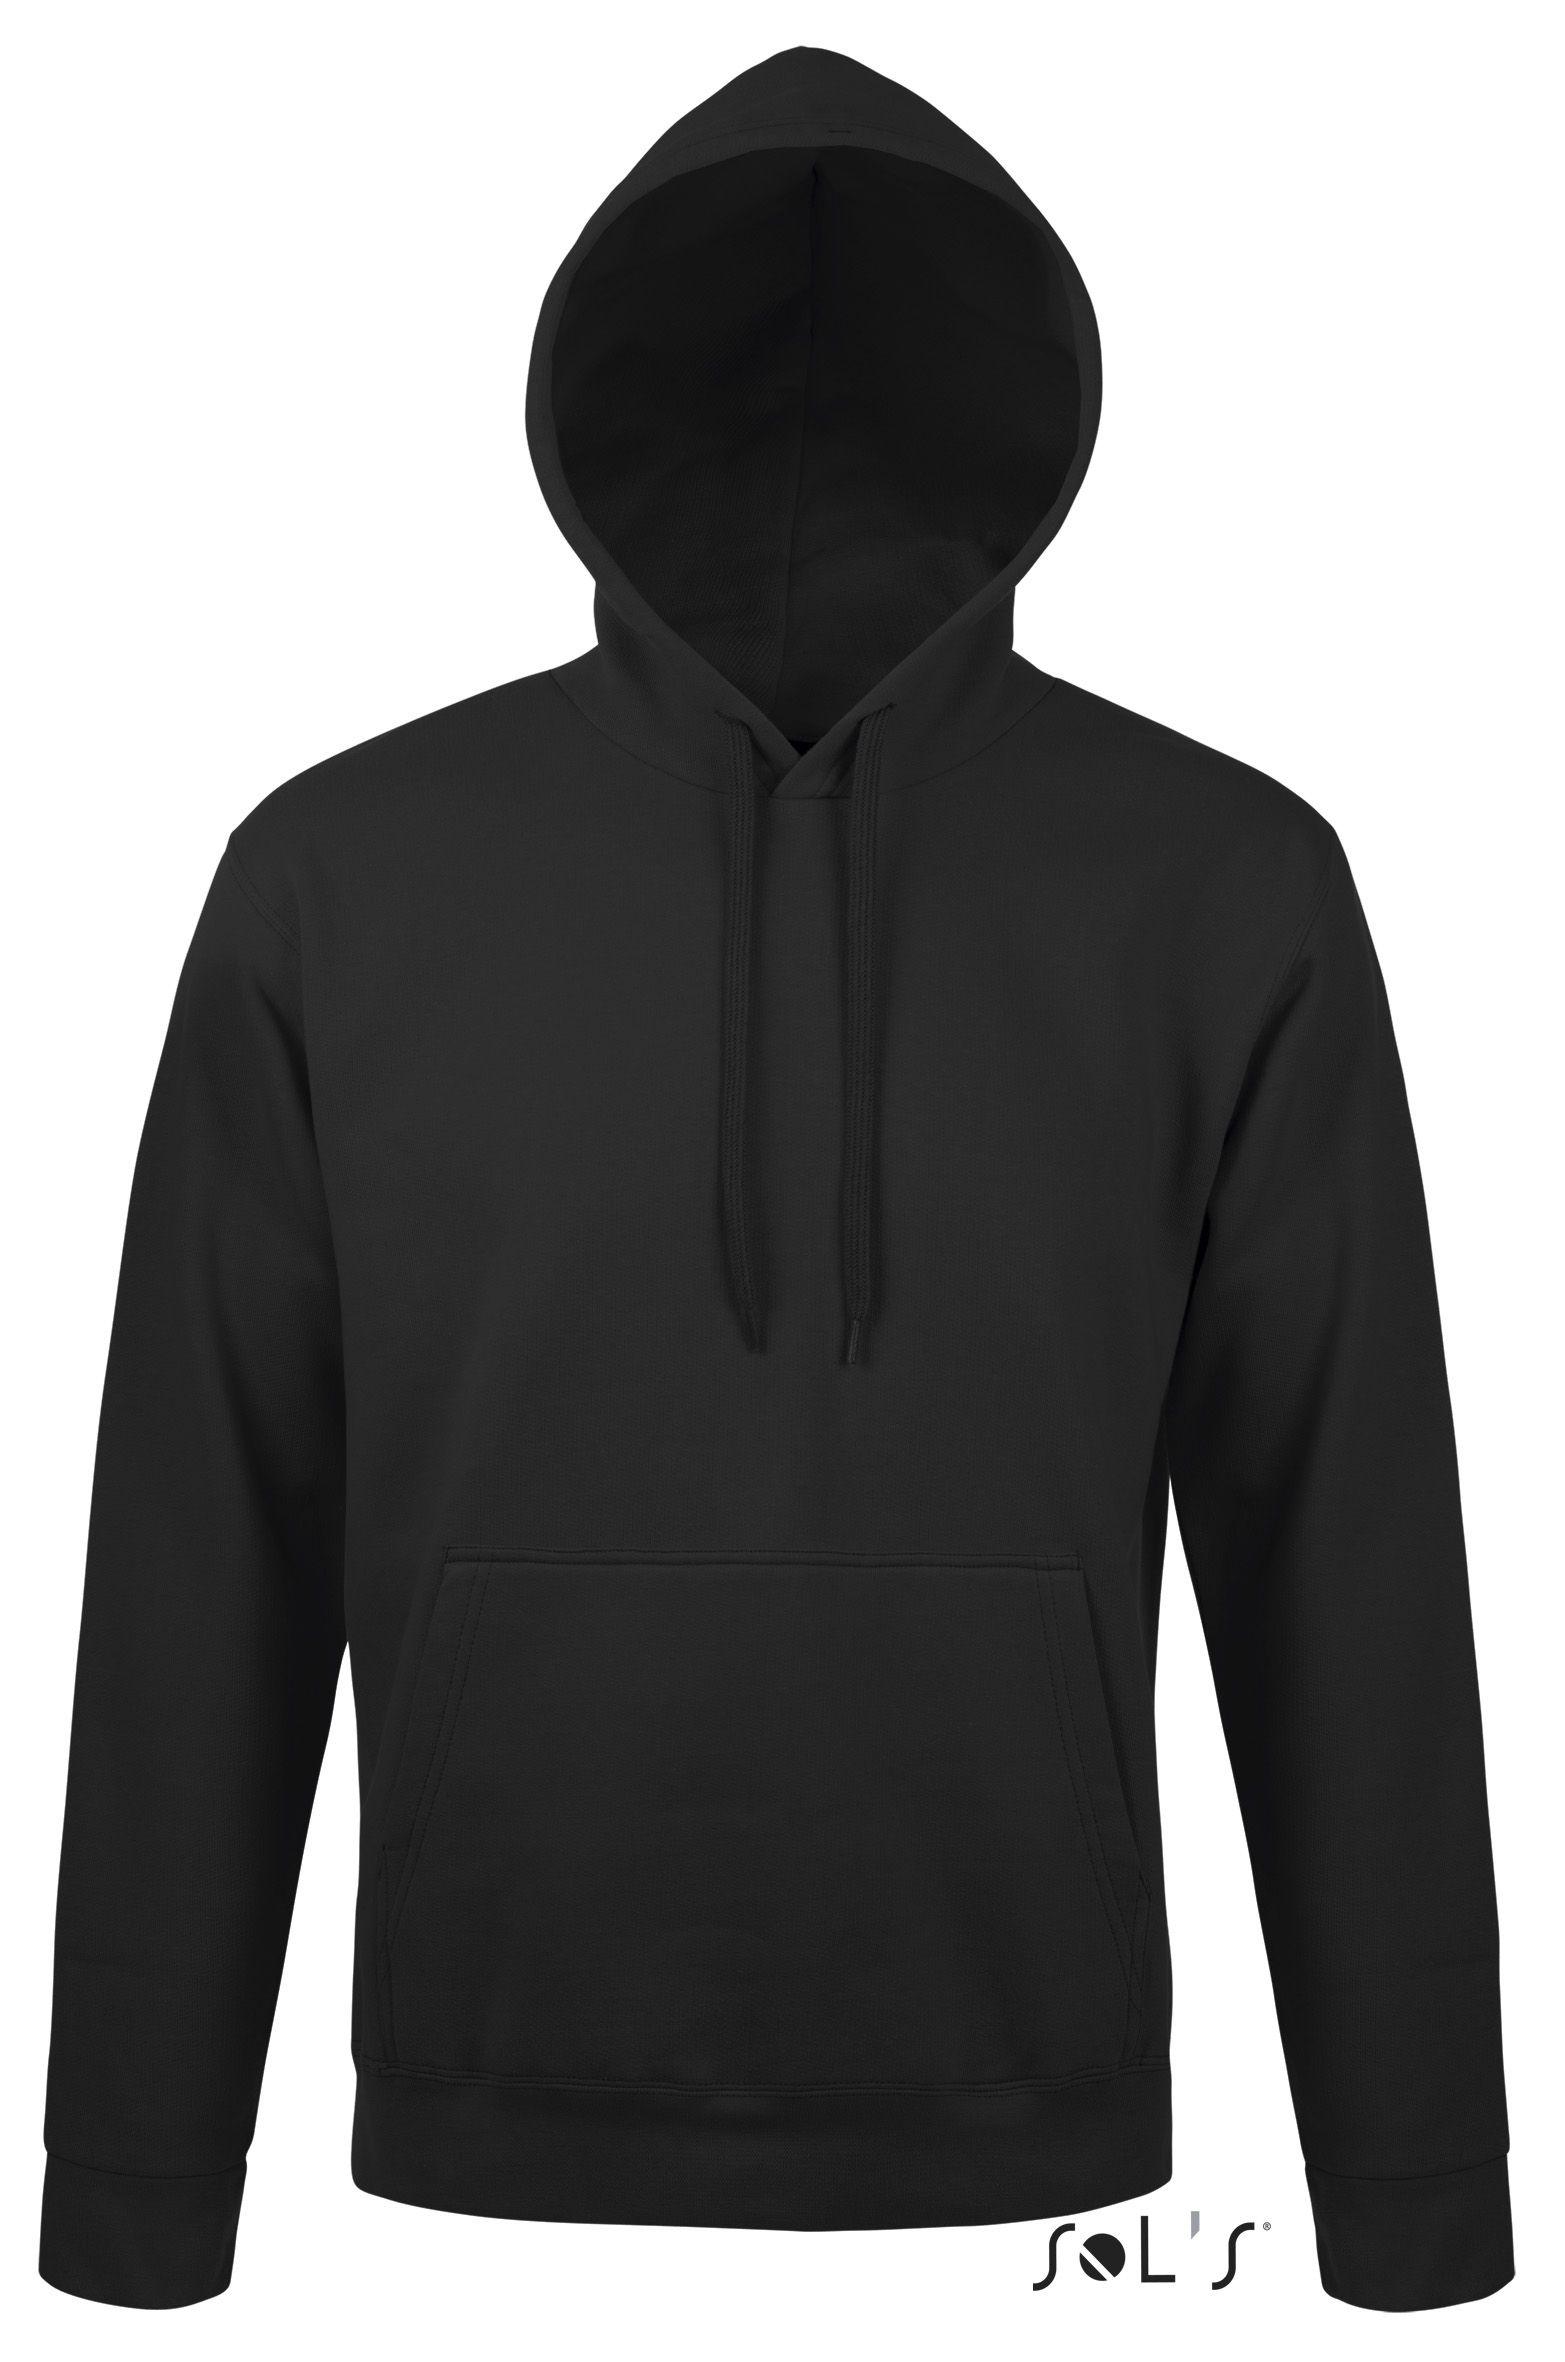 Bluza dresowa S 47101 Snake 280 - 47101_black_S - Kolor: Black